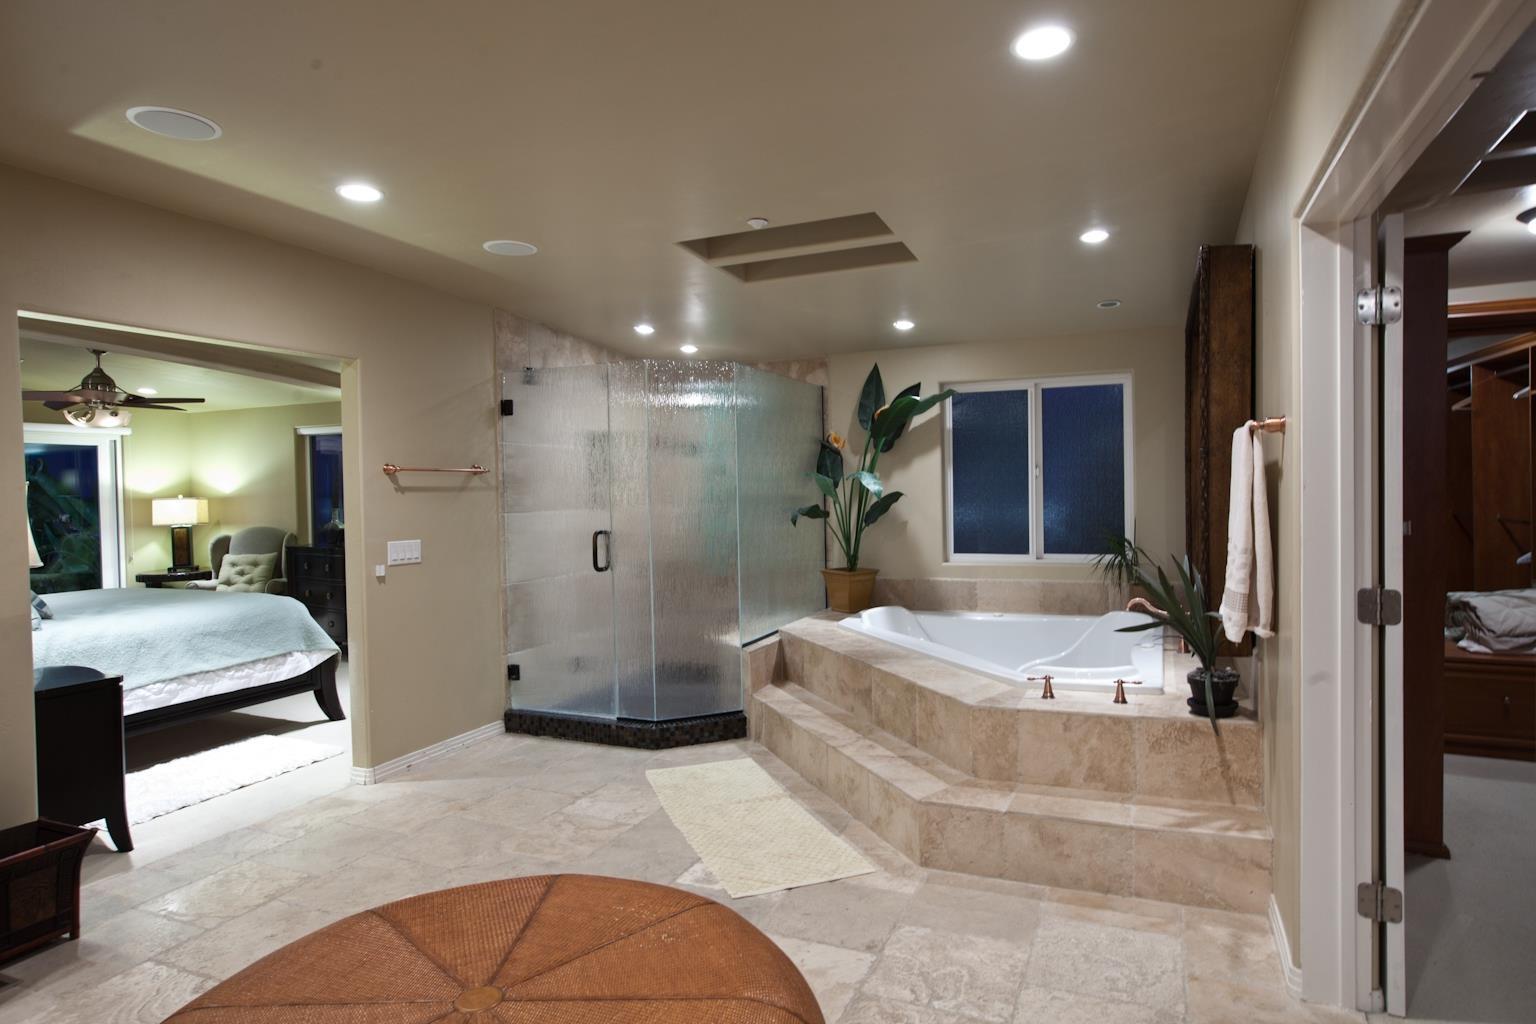 حمامات داخل غرف النوم اوض نوم عصريه بحمام داخلى احبك موت